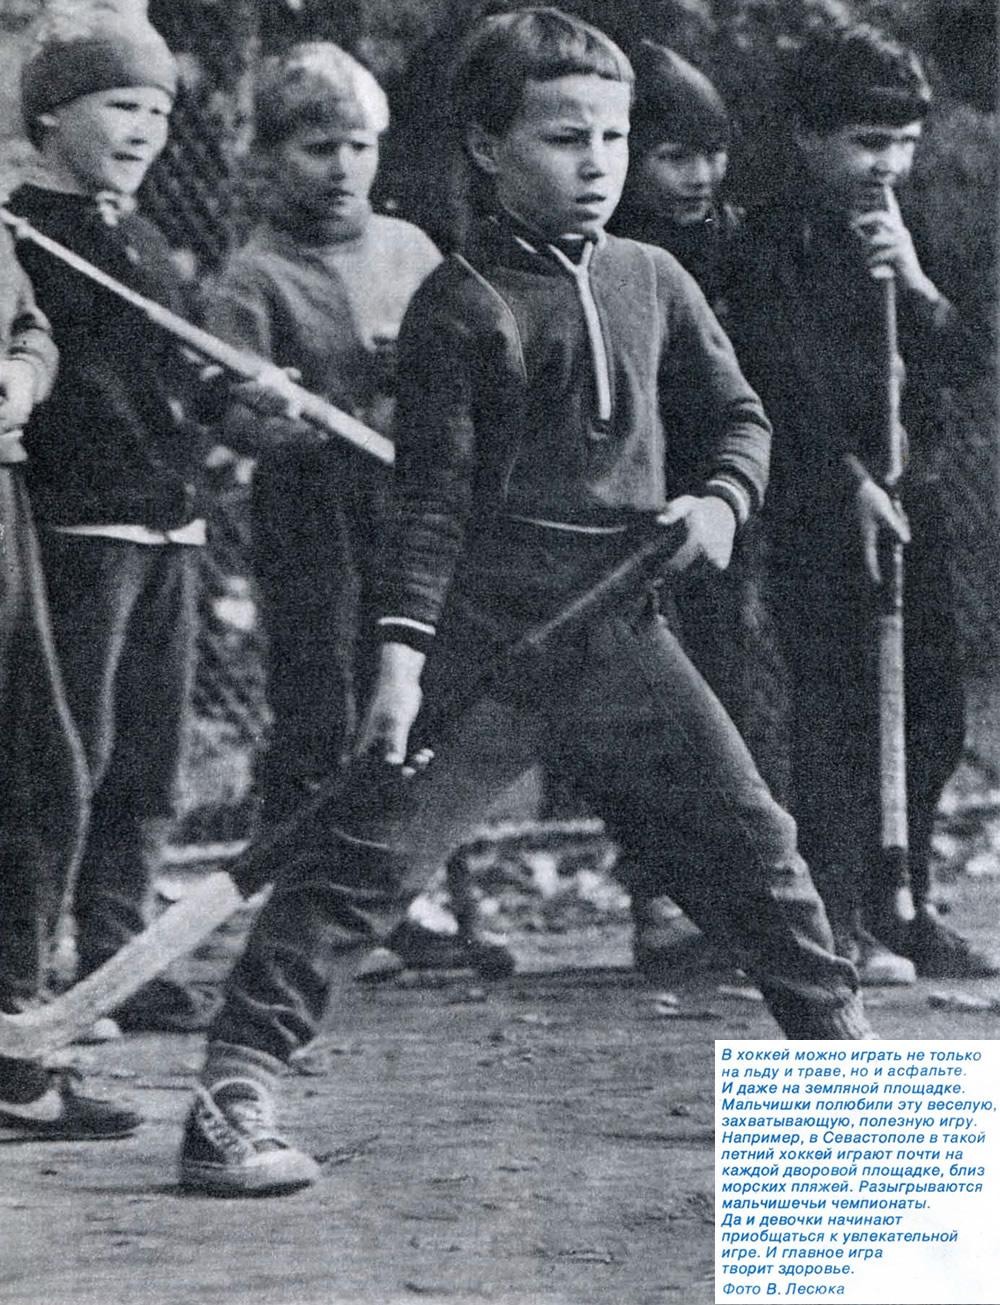 В хоккей можно играть не только на льду и траве, но и асфальте